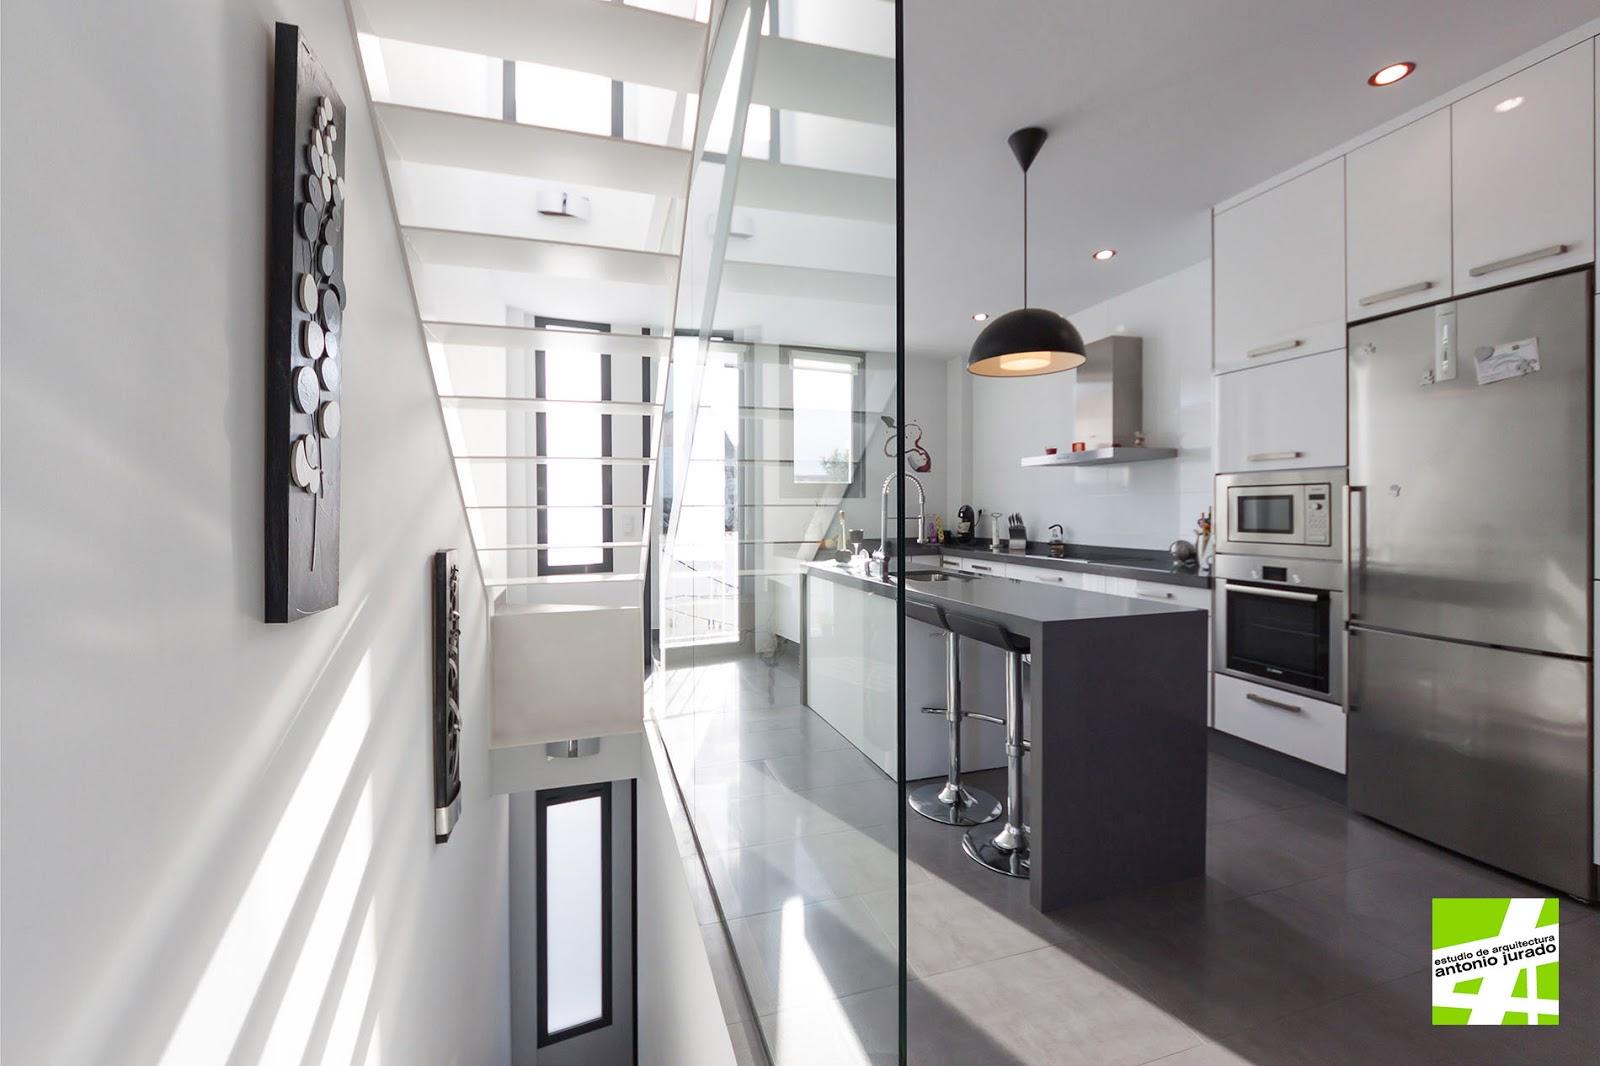 casa-tr-vivienda-unifamiliar-torrox-malaga-antonio-jurado-arquitecto-09